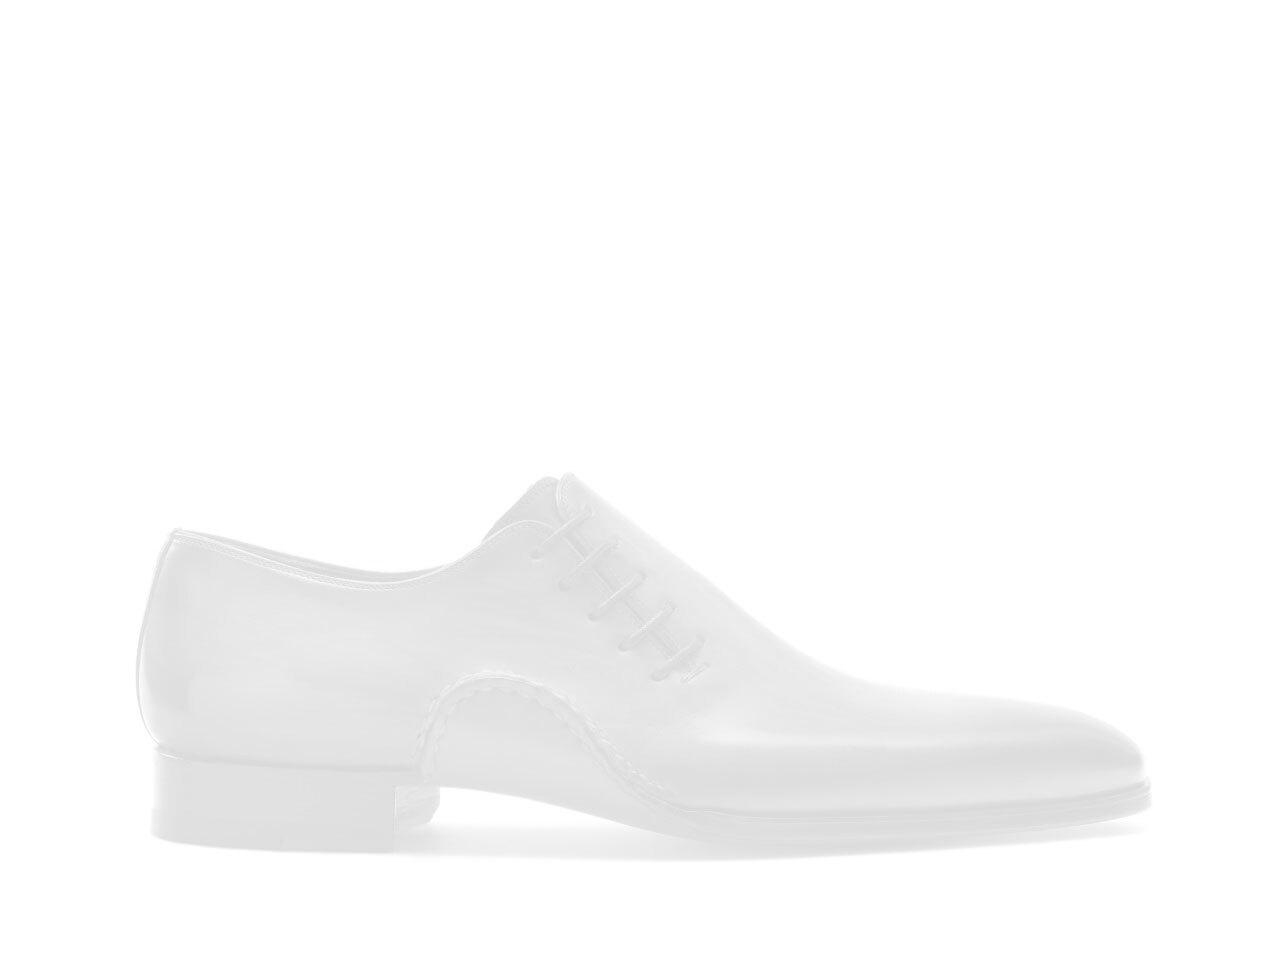 Pair of the Magnanni Saffron Cuero Men's Oxford Shoes